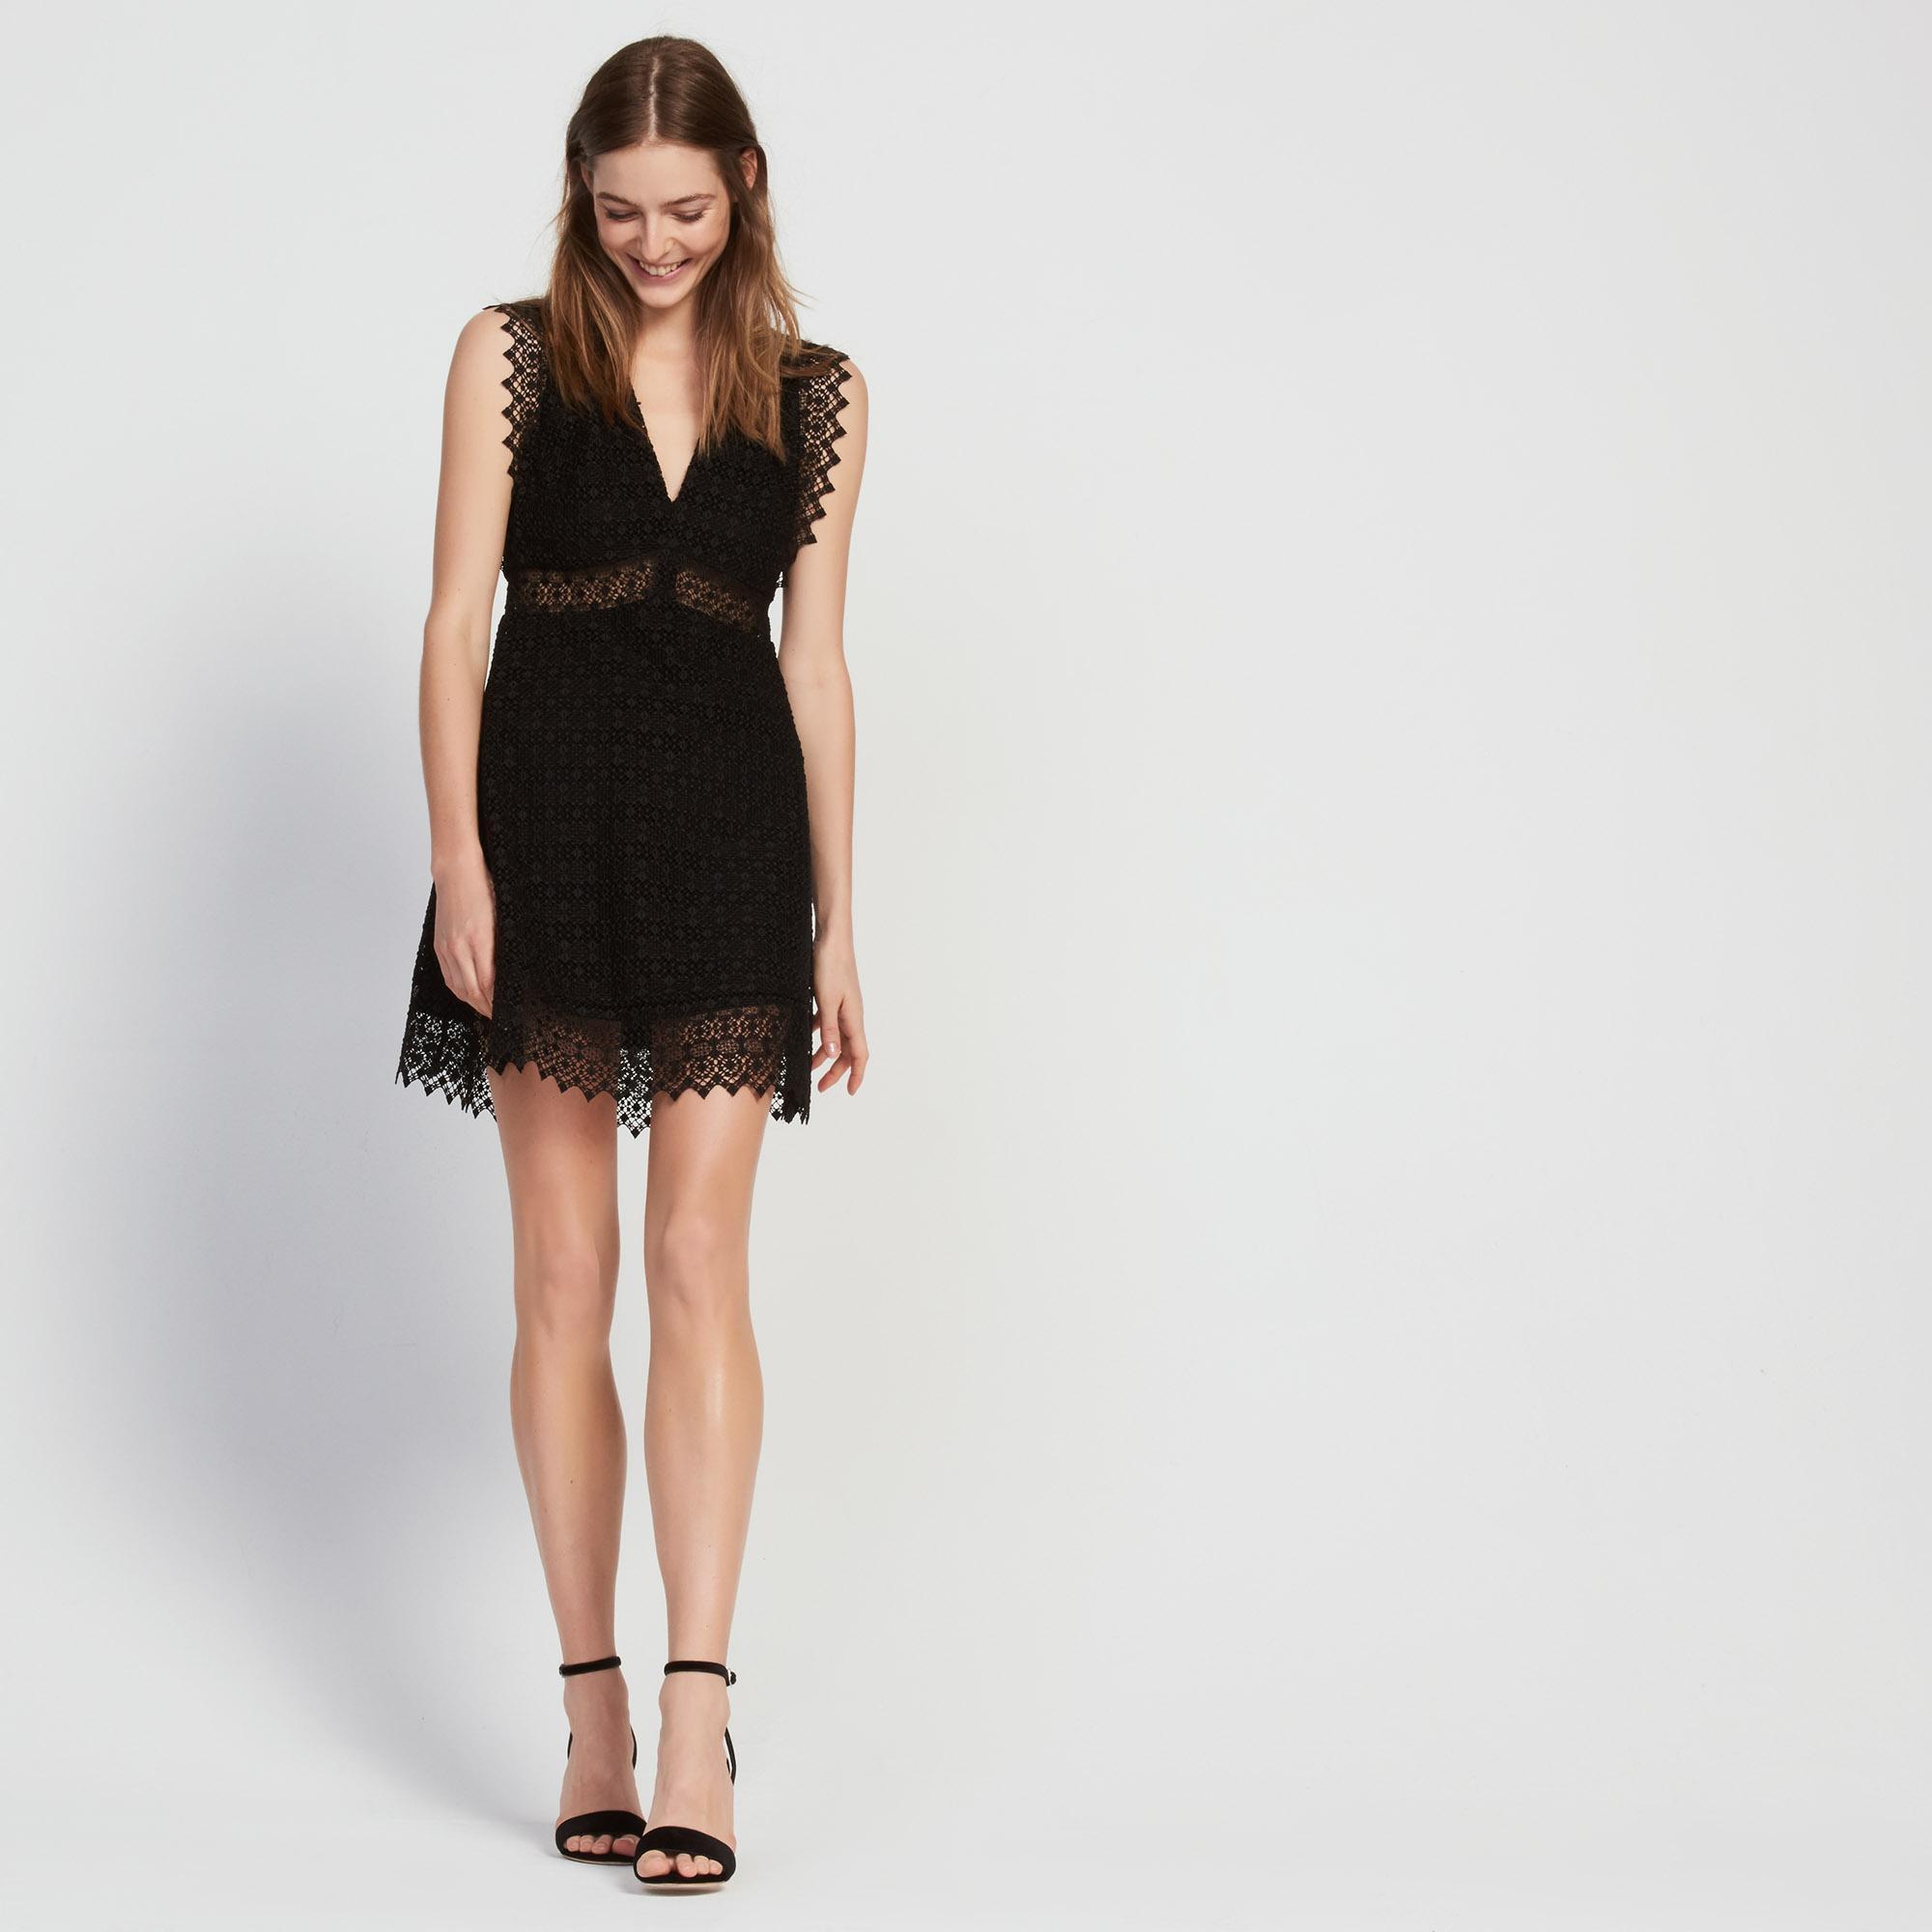 Robe sandro noir